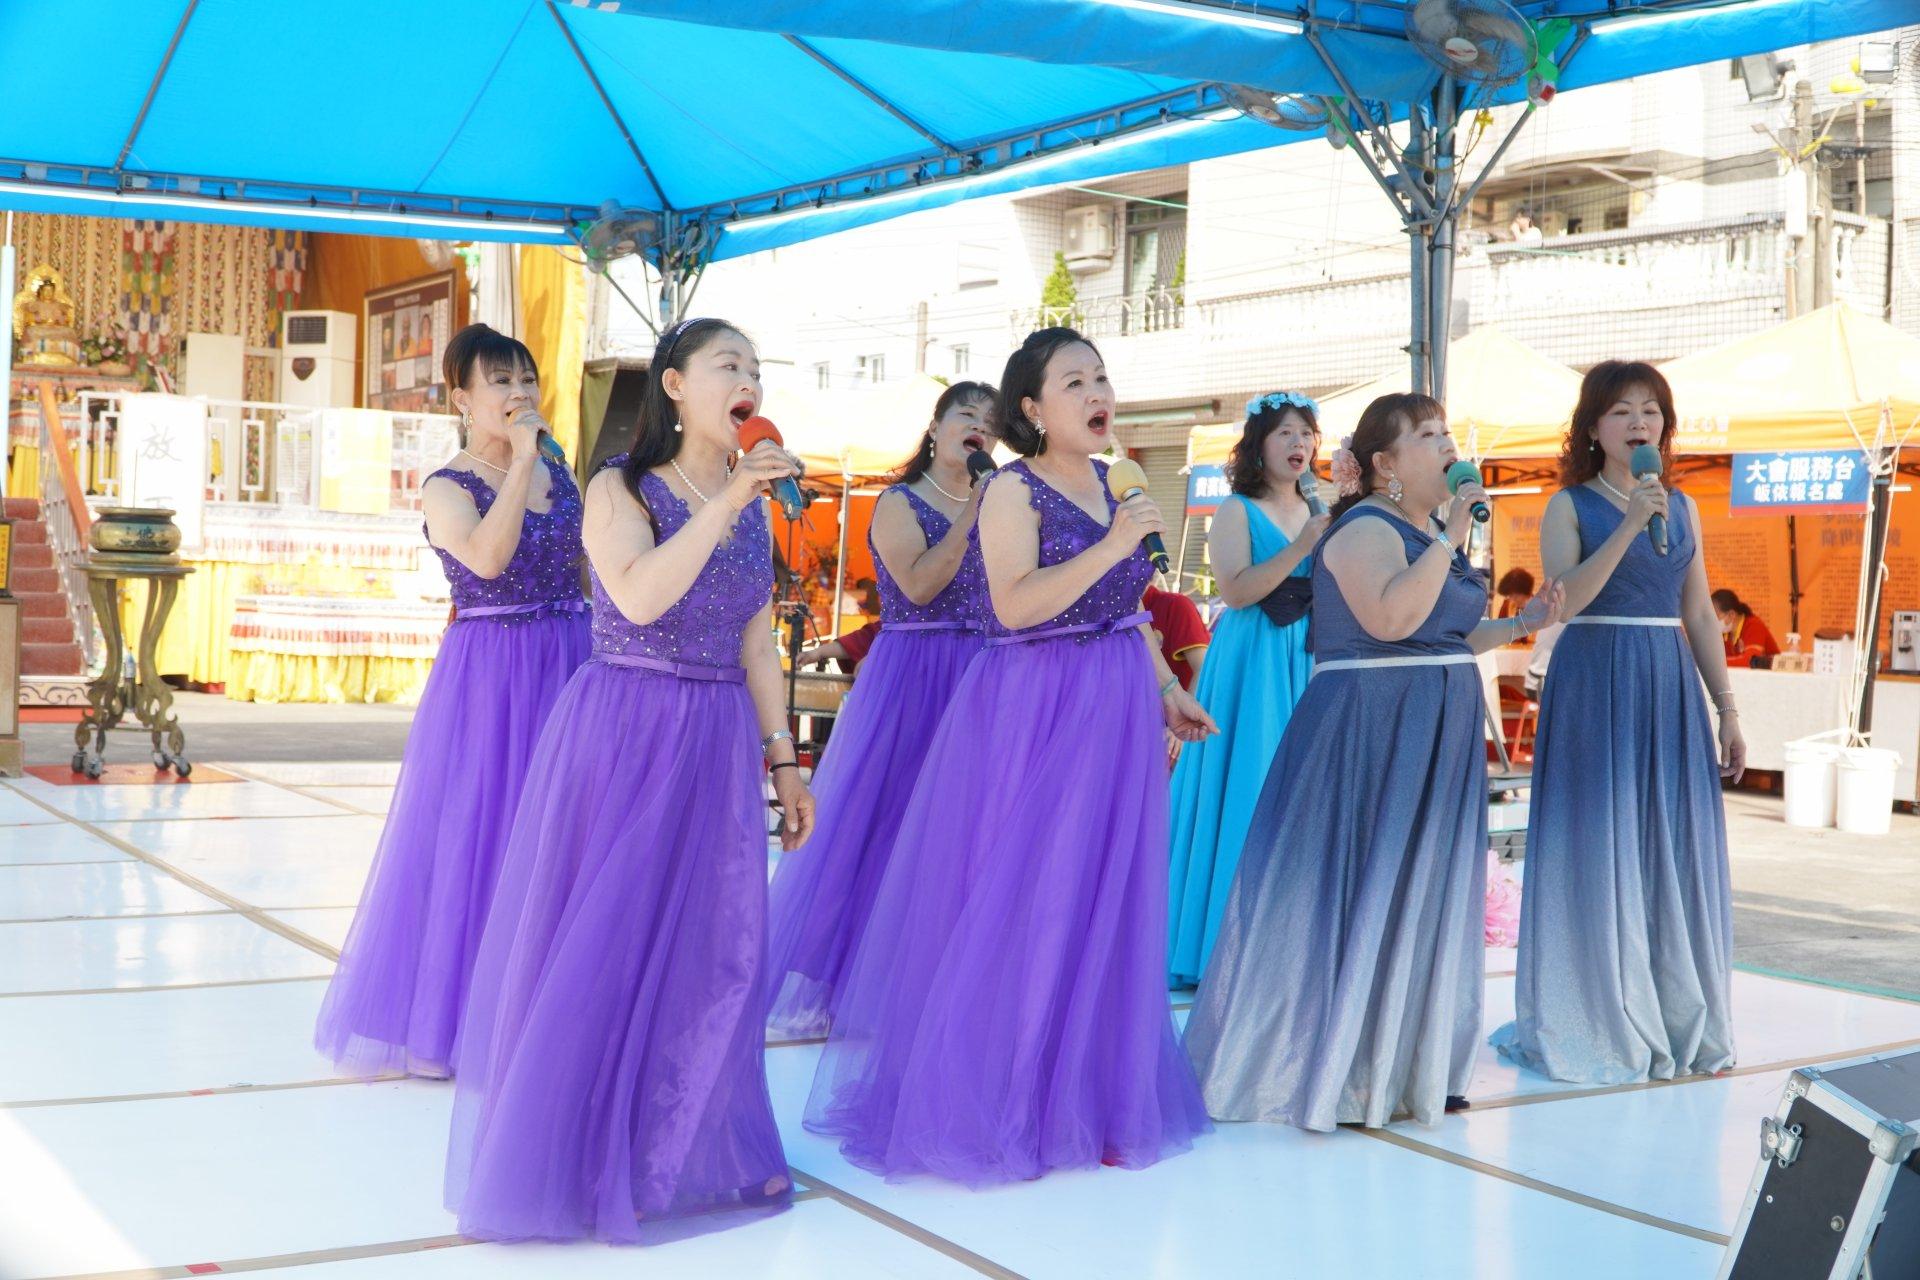 行動佛殿128站高雄路竹,正心合唱團公益演出